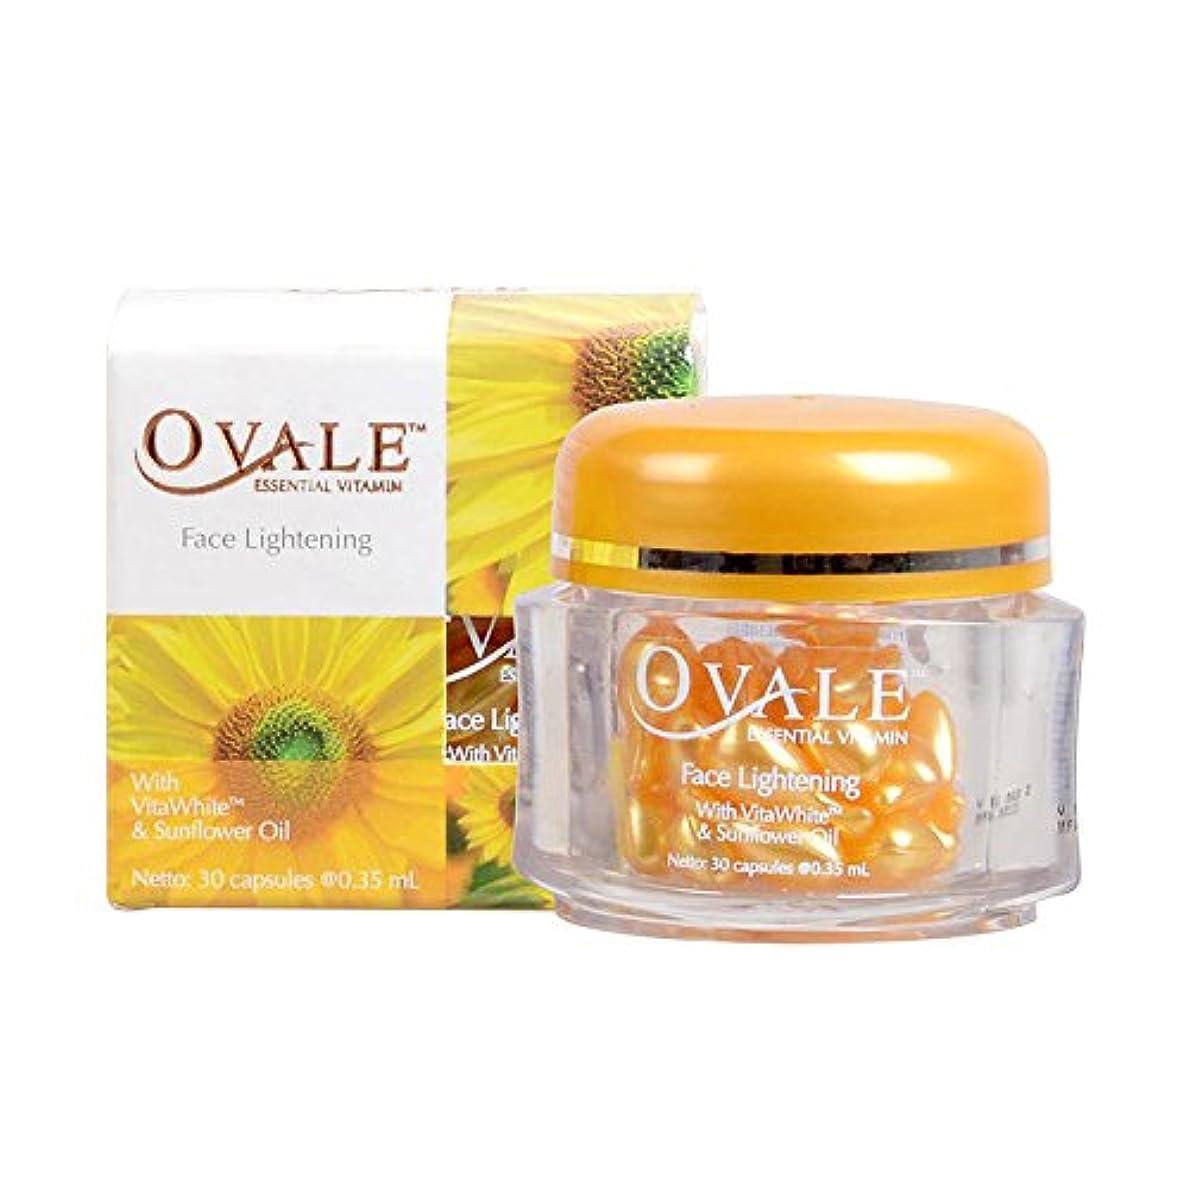 センチメンタル冷凍庫自伝Ovale オーバル フェイスビタミン essential vitamin 30粒入ボトル サンフラワー バリ島 bali [海外直送品]